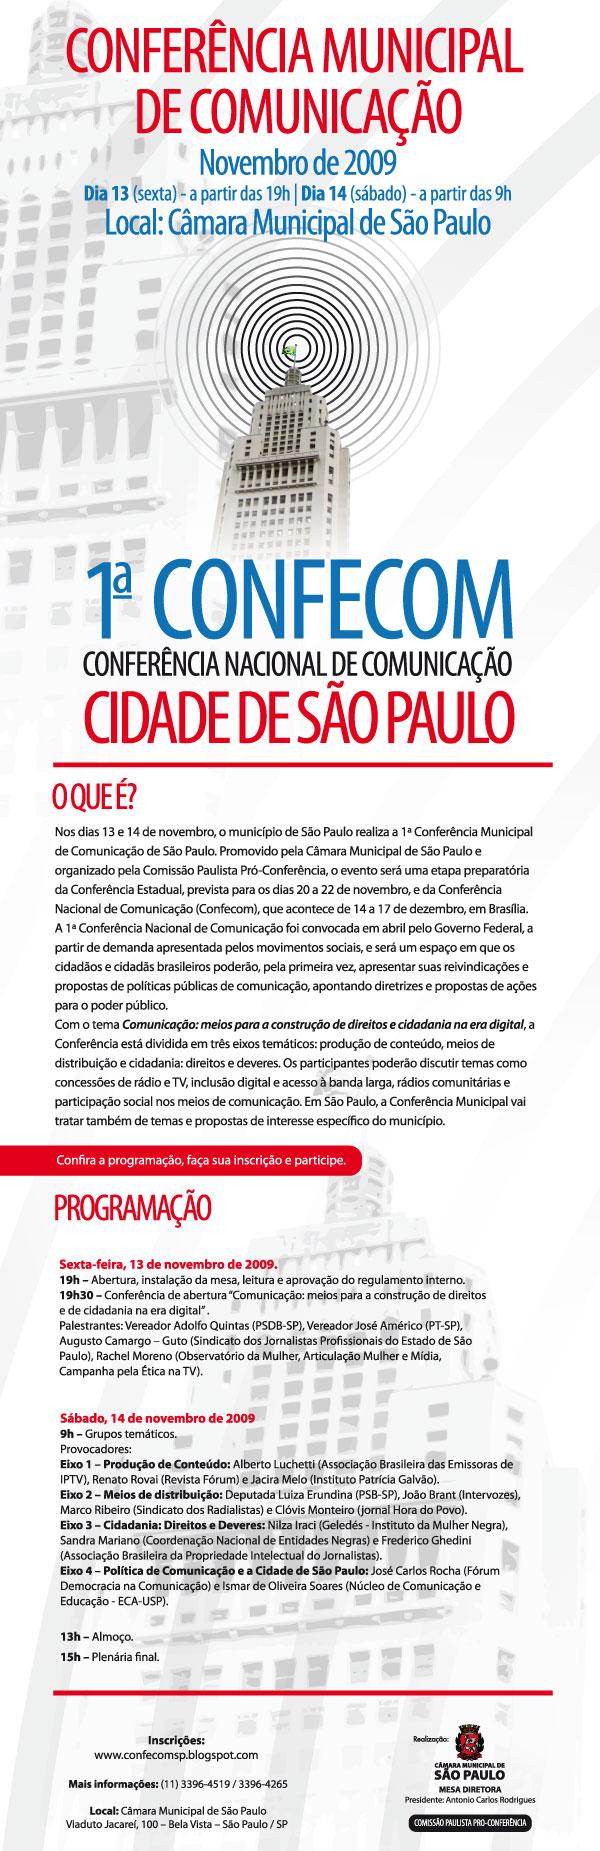 1º Conferência de Comunicação de São Paulo